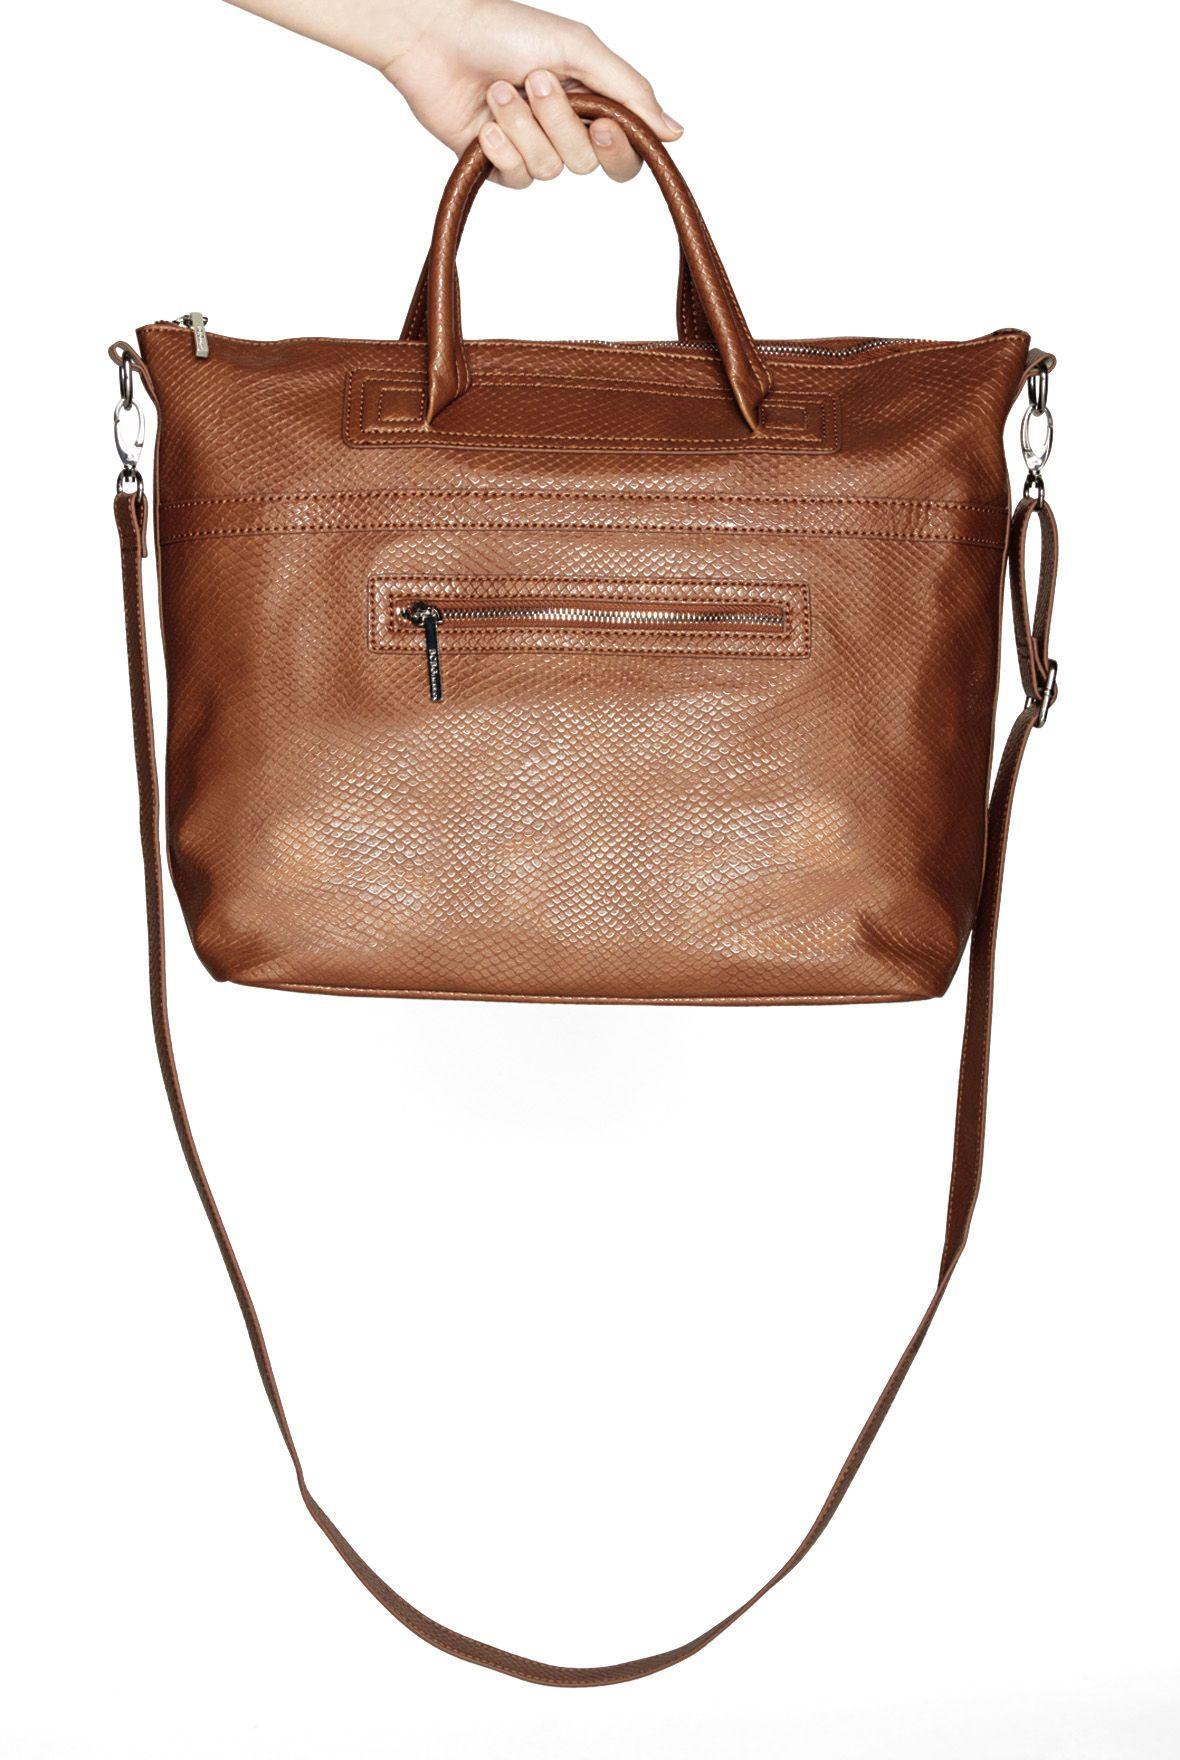 The City Bag